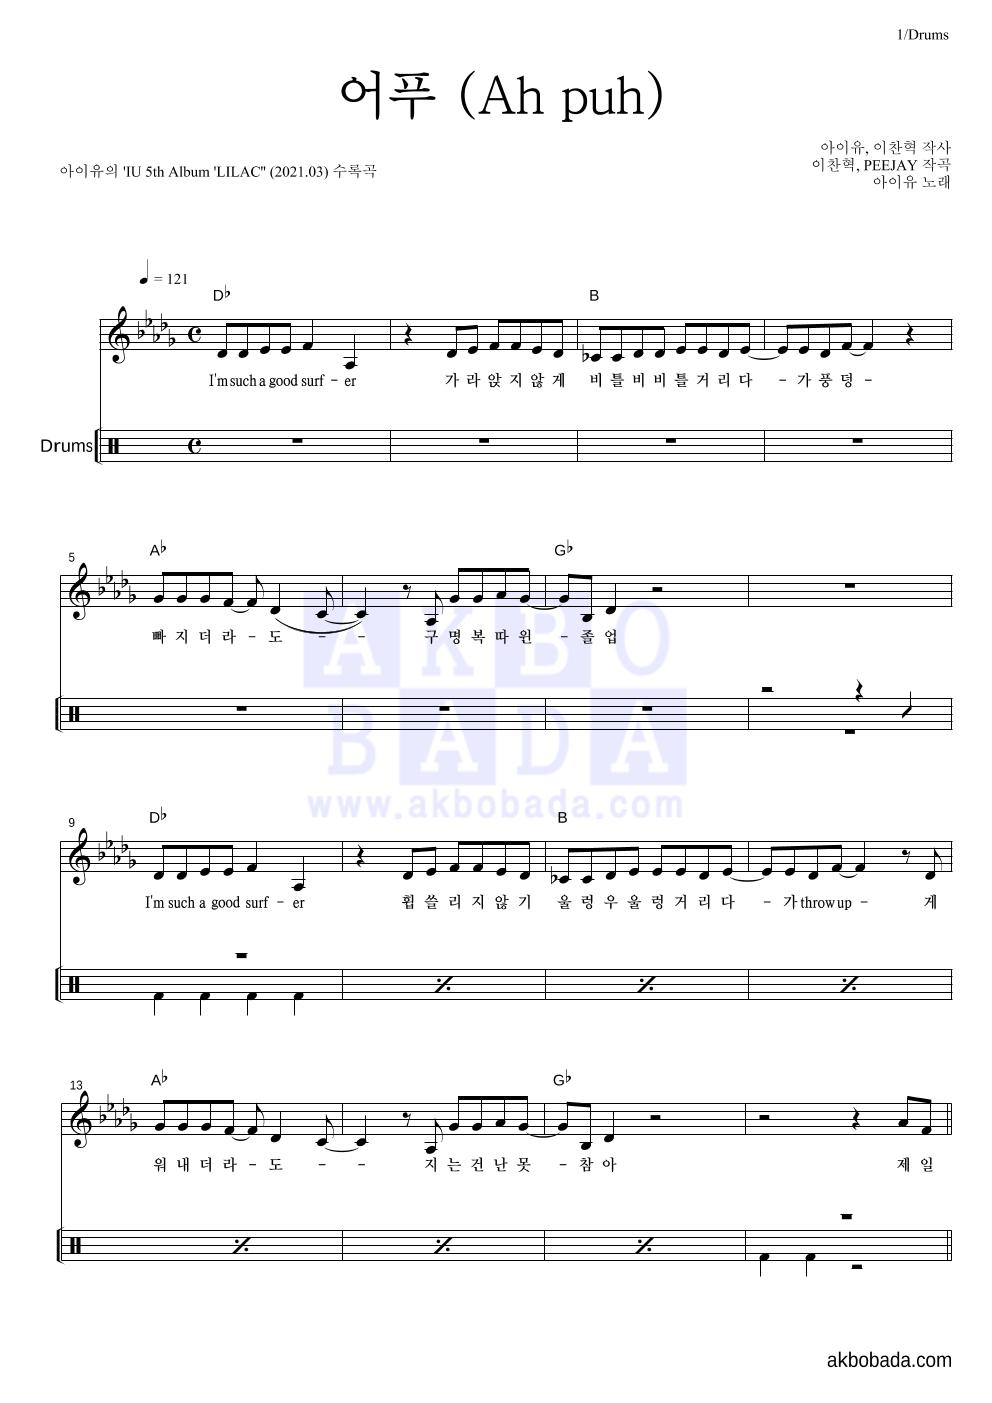 아이유 - 어푸 (Ah puh) 드럼 악보